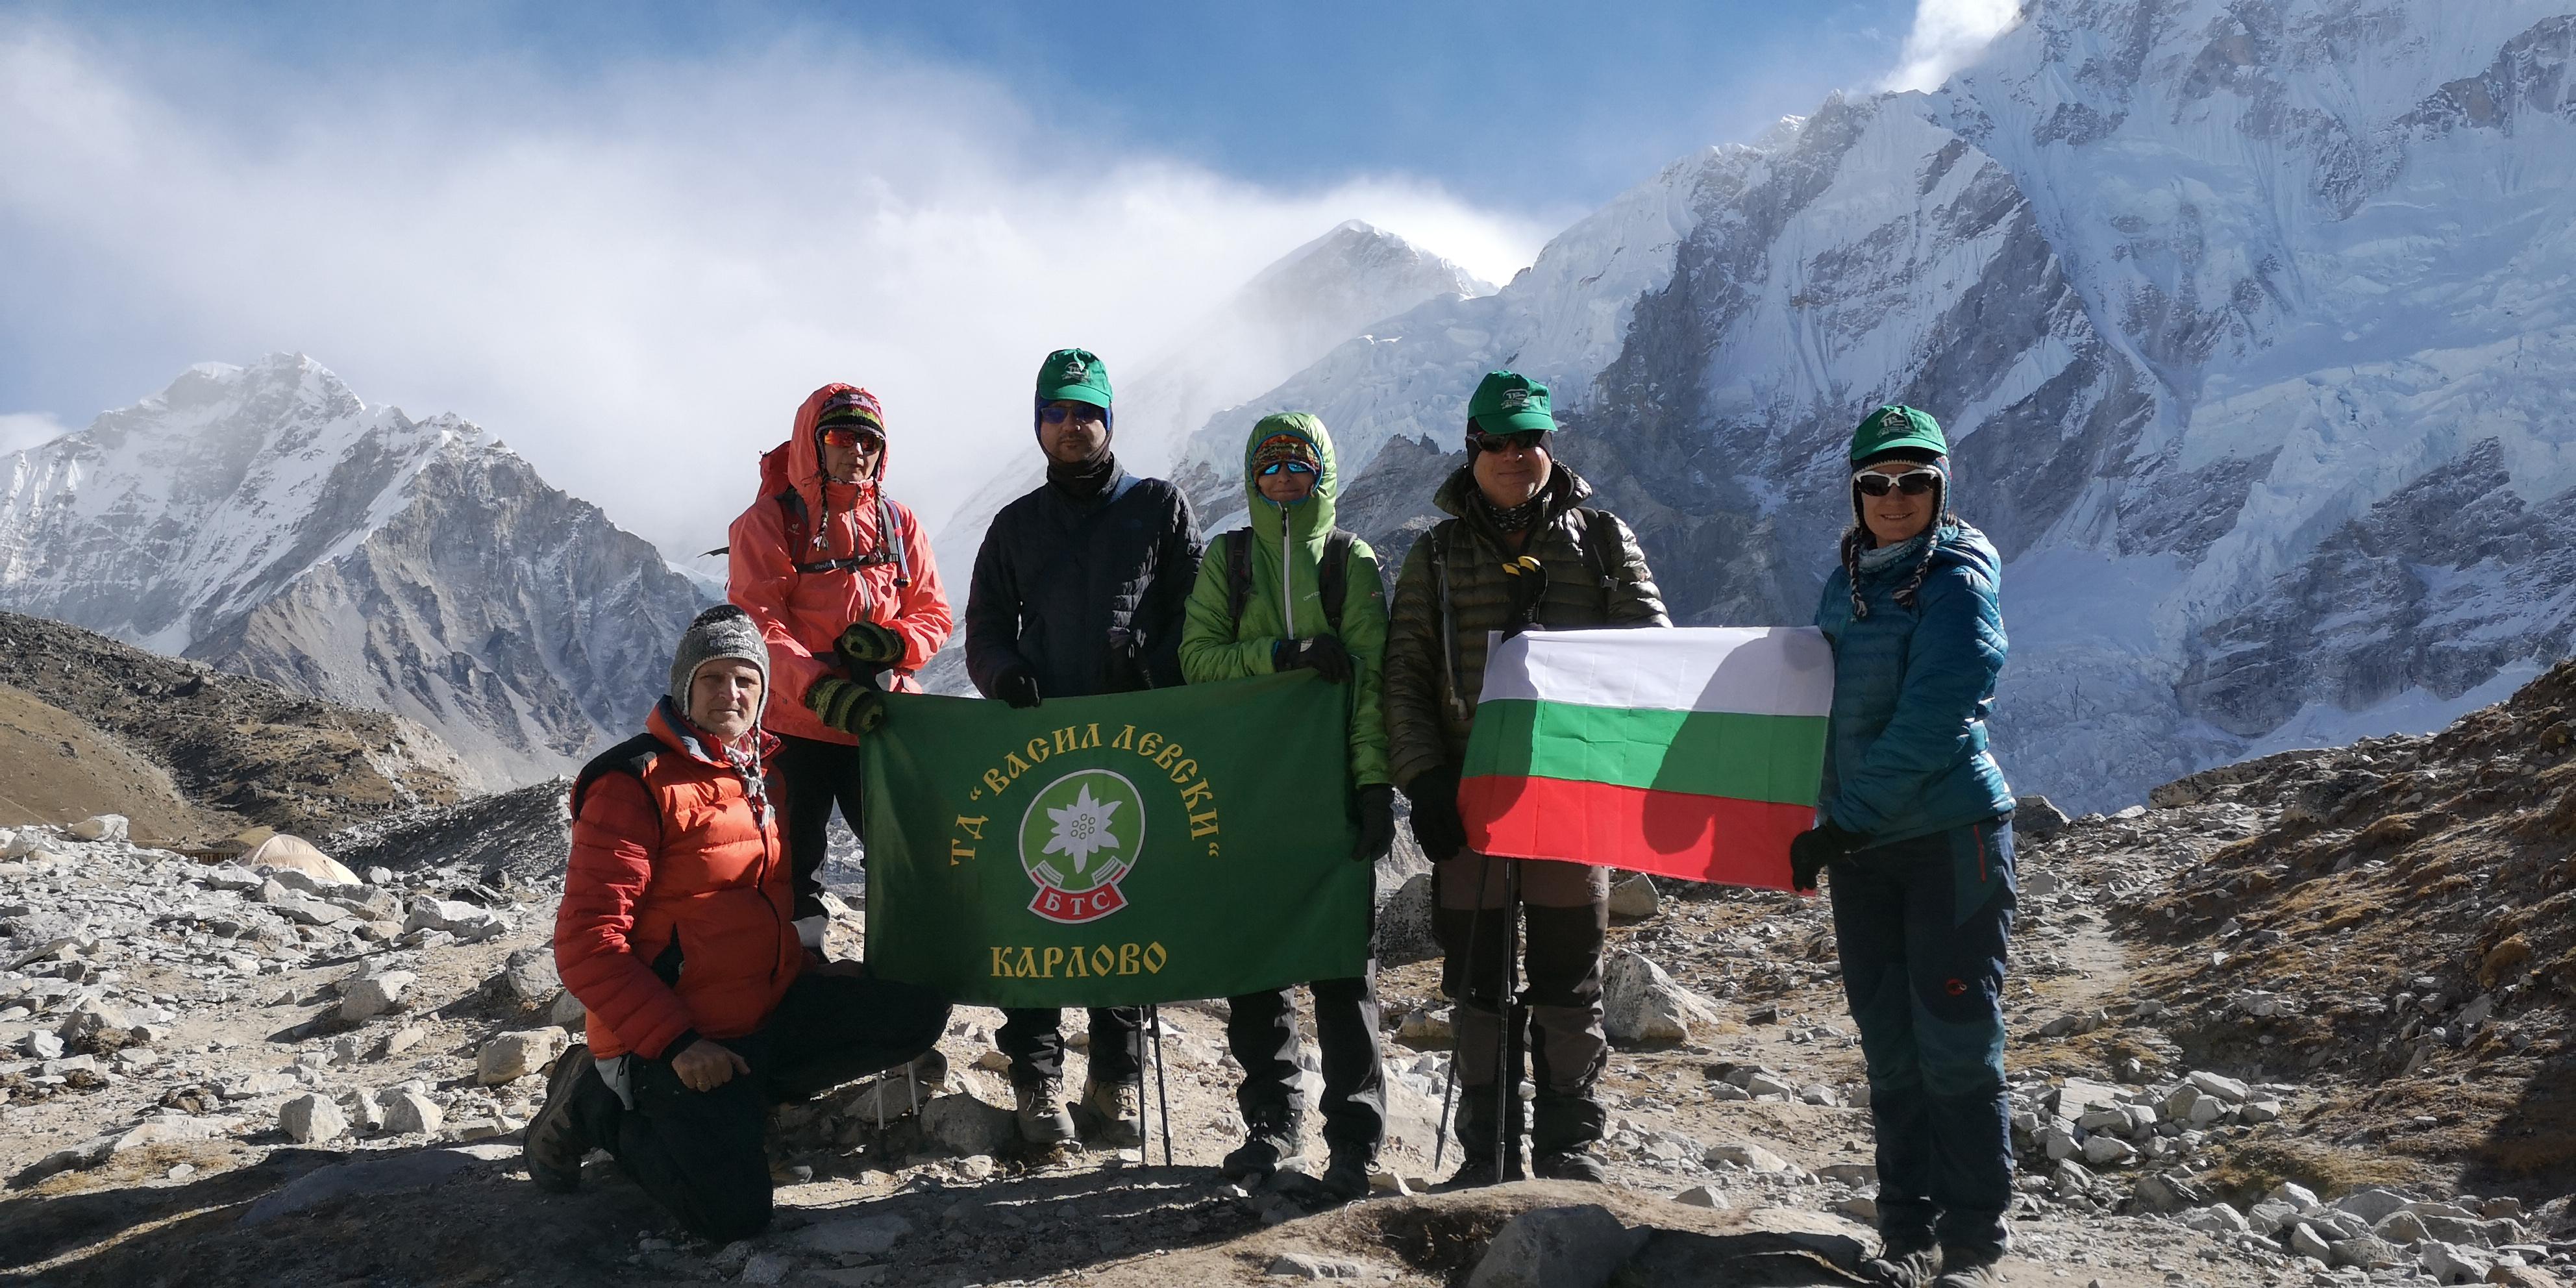 За пръв път флагът на ТД Васил Левски Карлово се развя на базовия лагер на Еверест